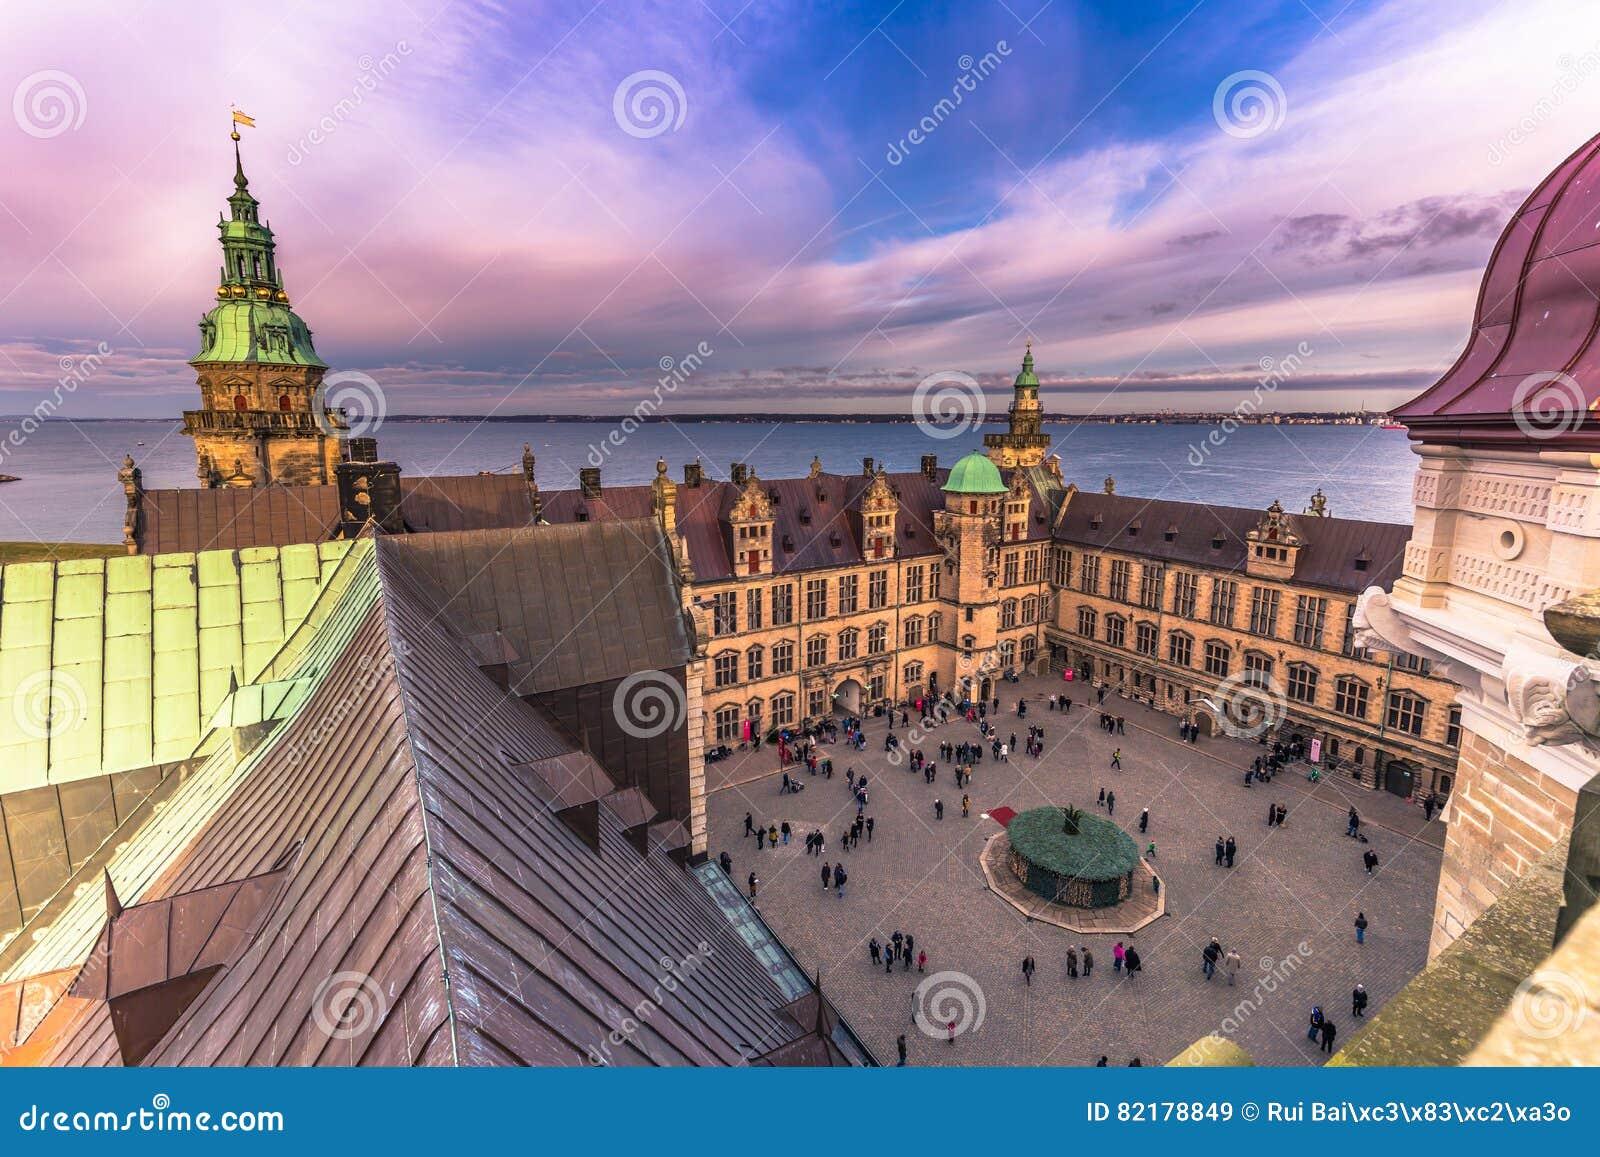 03 december, 2016: Binnenplaats van Kronborg-kasteel, Denemarken